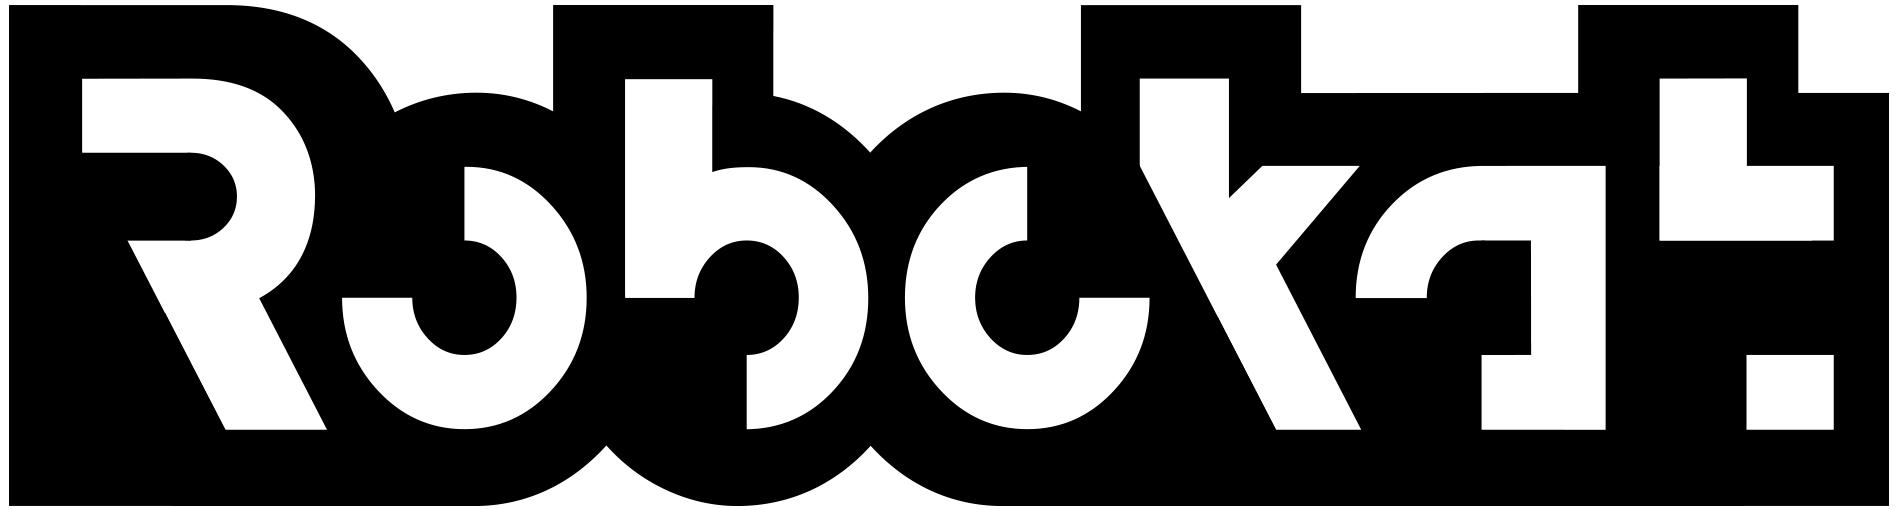 Robokat-logo-voor-top-header